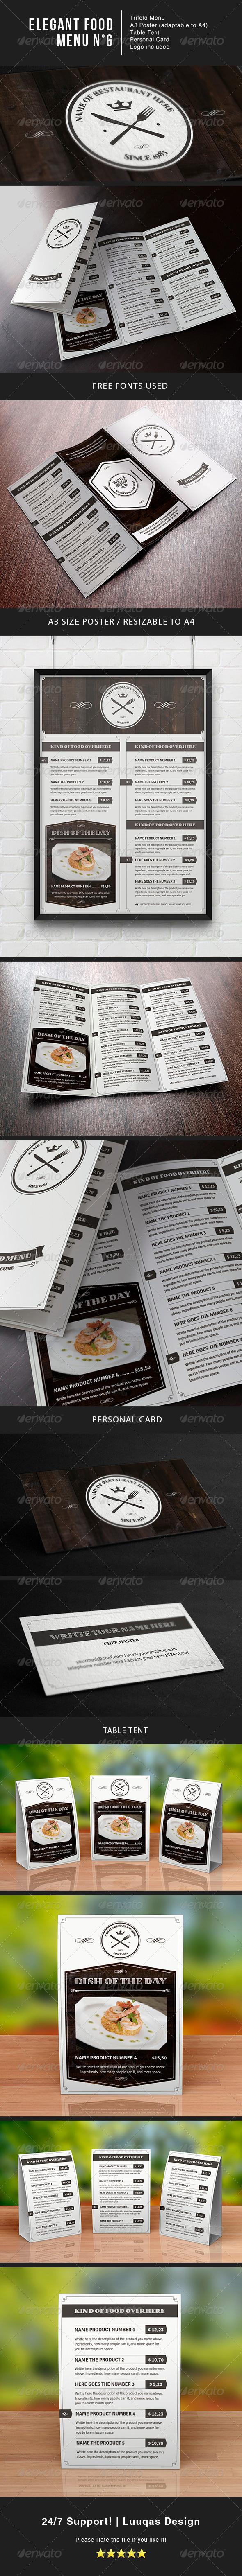 Elegant Food Menu 6 - Food Menus Print Templates